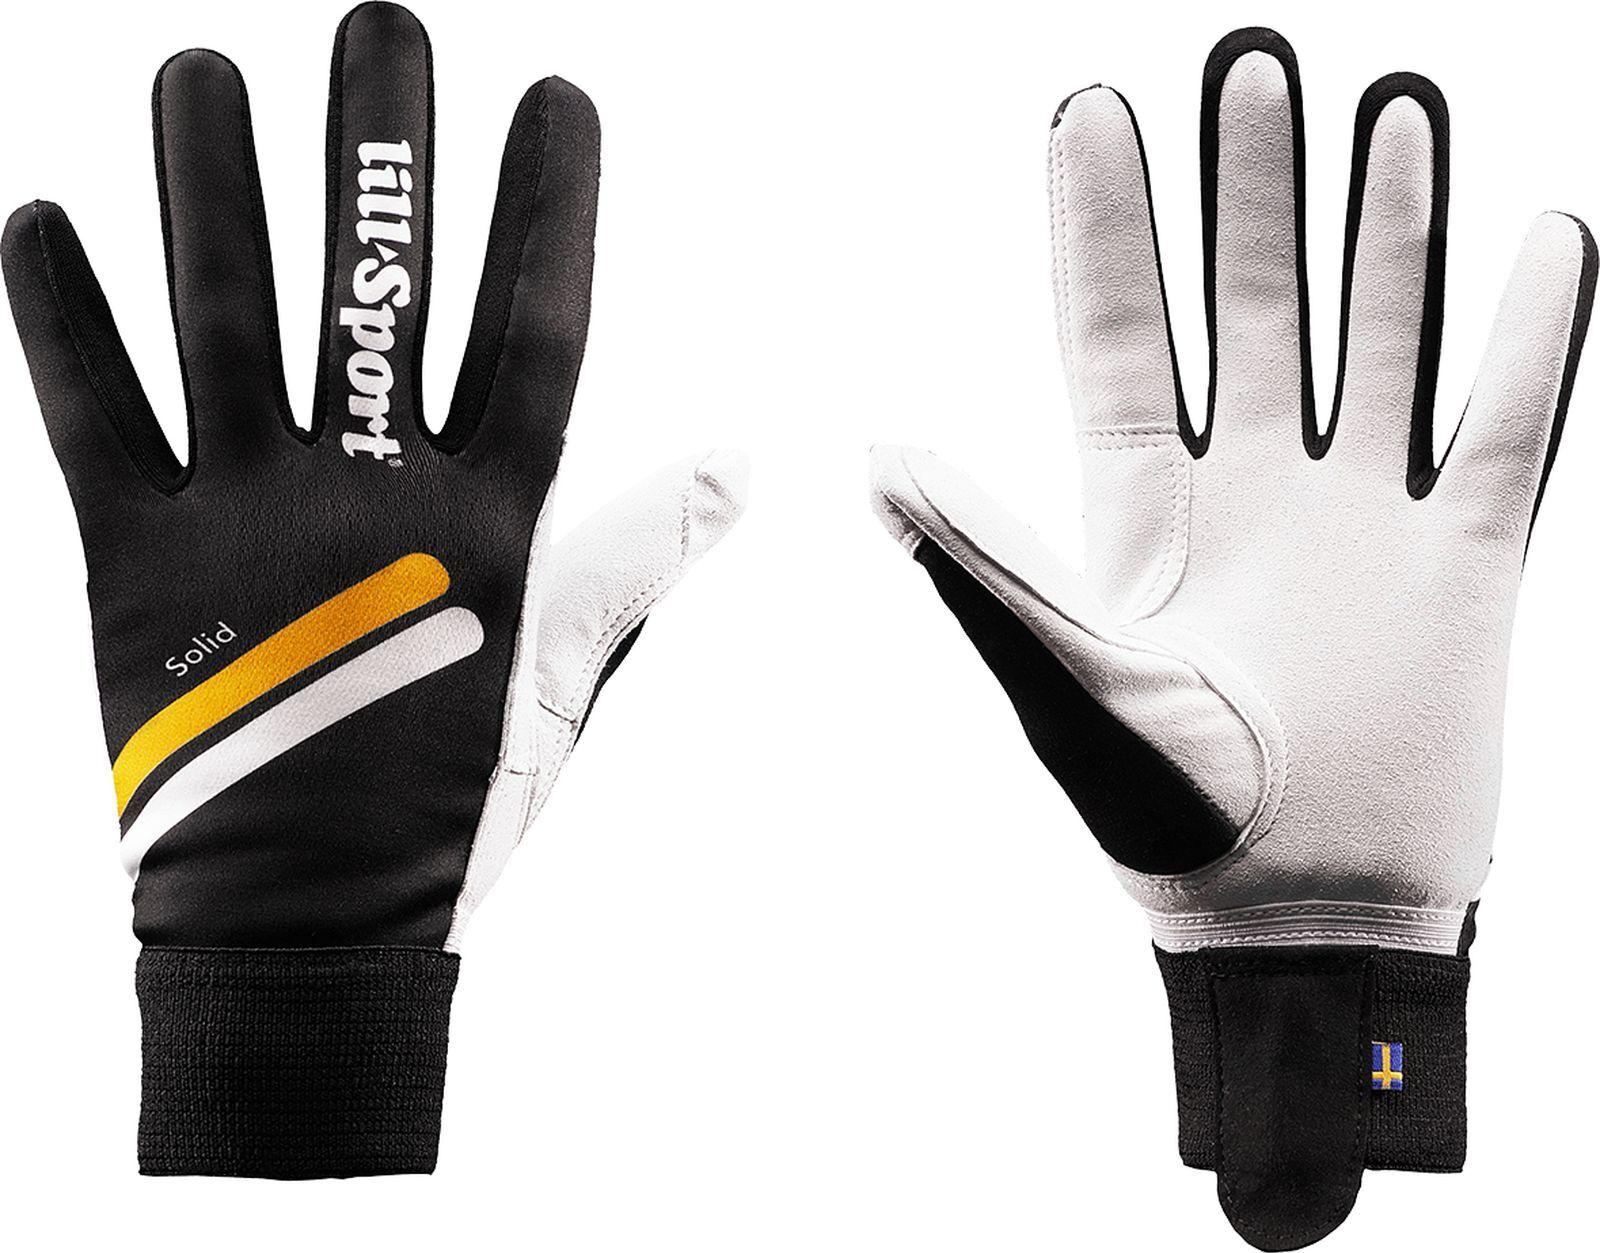 Перчатки лыжные Lillsport Solid, 0682/00, черный, размер 10